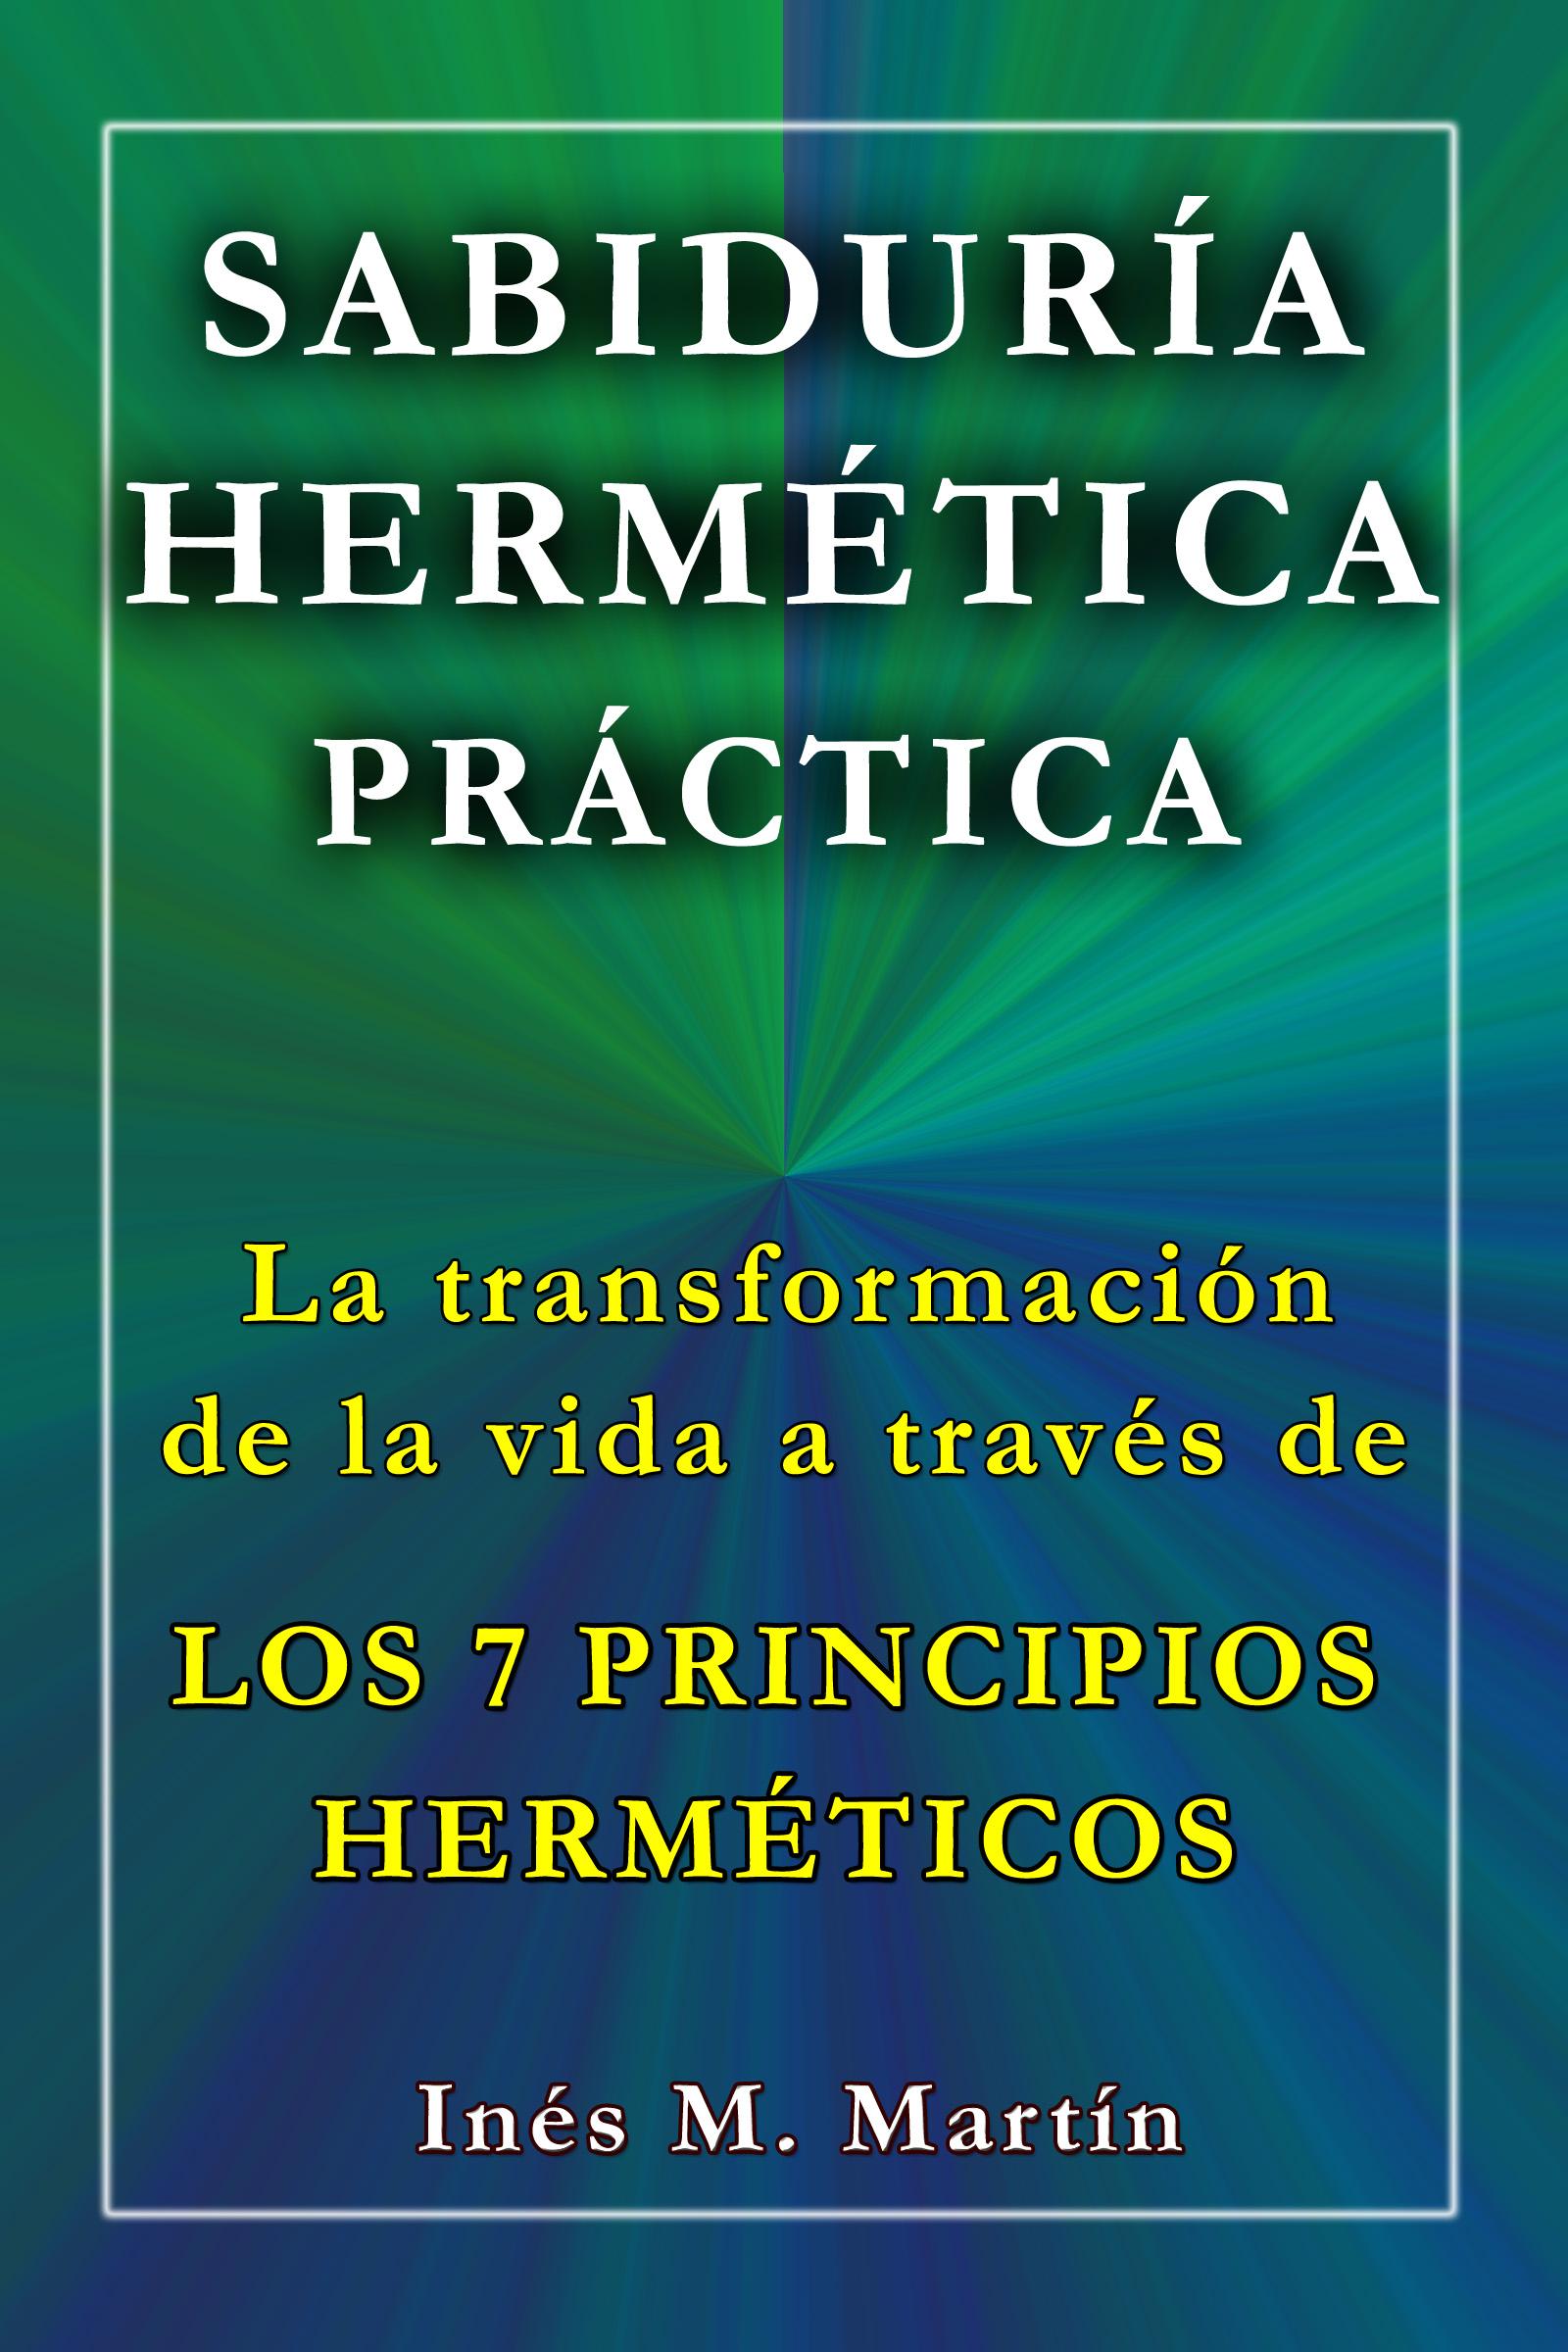 Inés M. Martín - SABIDURÍA HERMÉTICA PRÁCTICA. La transformación de la vida a través de los 7 Principios Herméticos